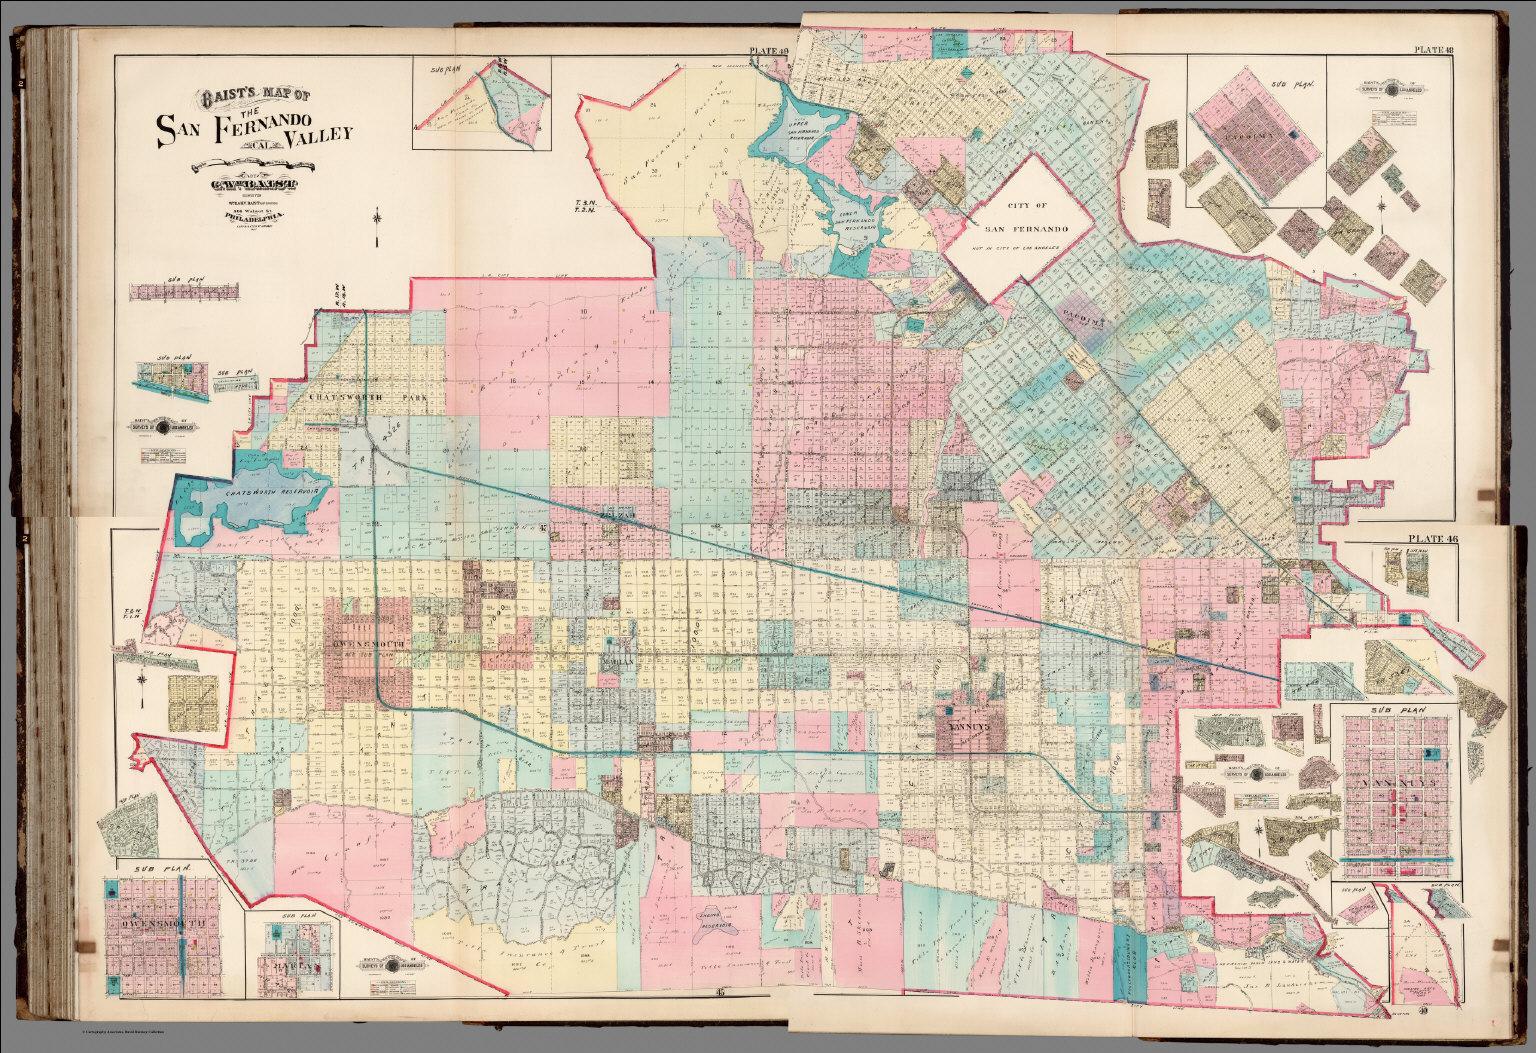 San Fernando Valley Map Composite: Baist's Map of the San Fernando Valley, Plates 46, 47  San Fernando Valley Map